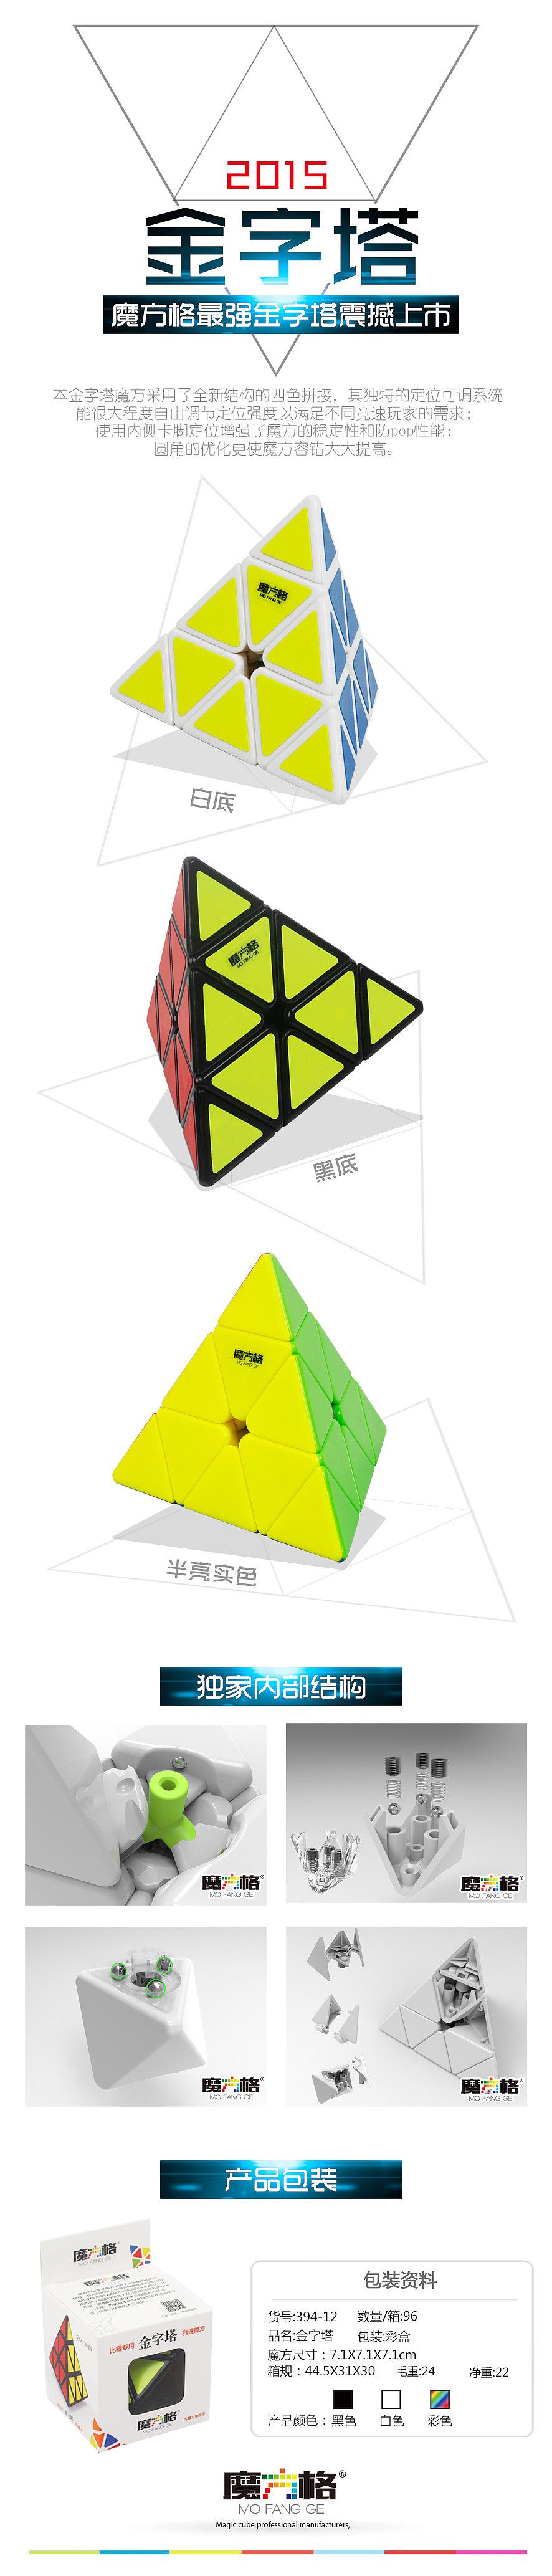 本金字塔魔方采用了全新结构的四色拼接,其独特的定位可调